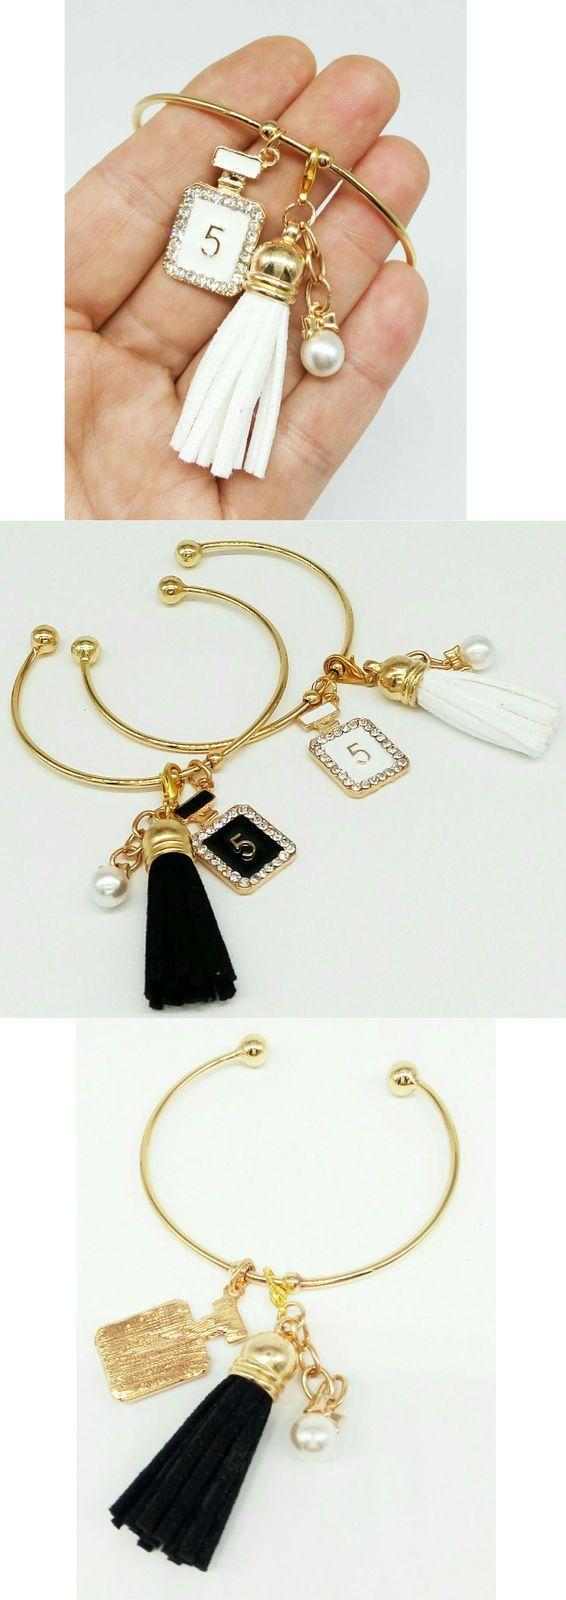 Open bangle Bracelet, charm tassel, charm spirits, pearl, gift for her - Charms…